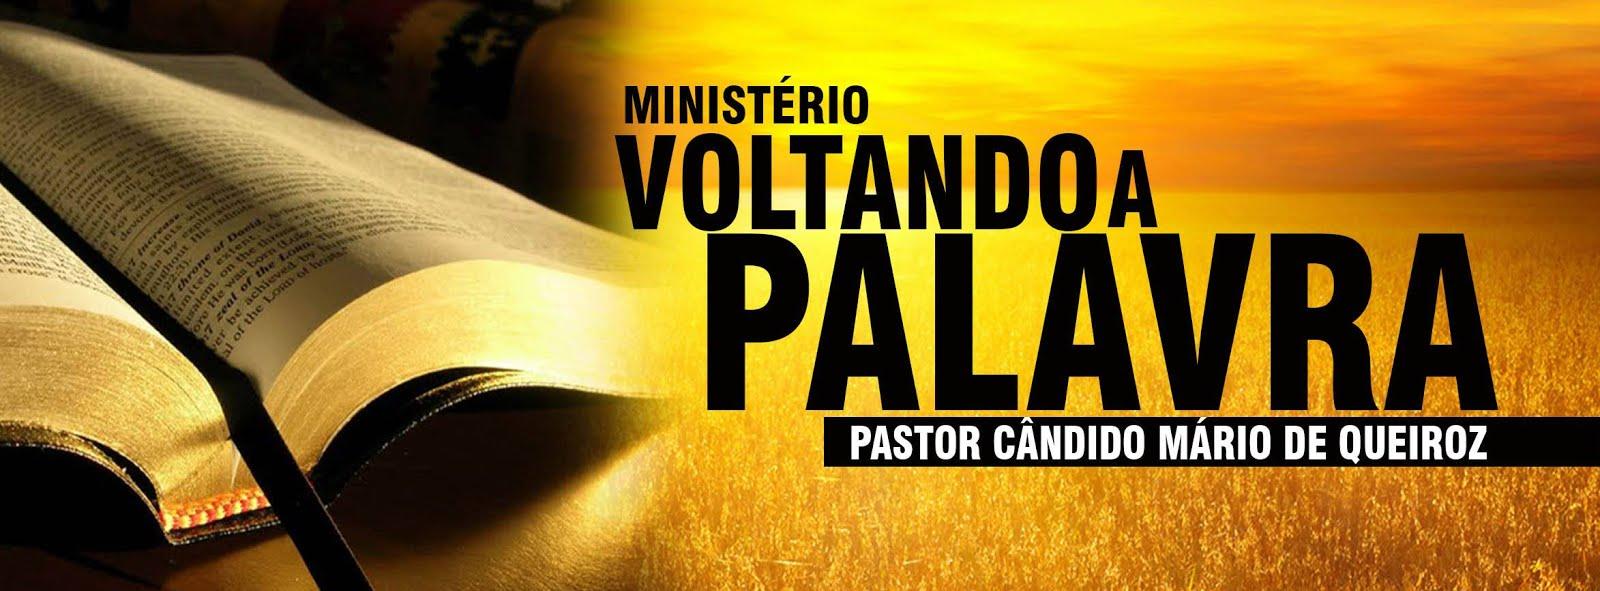 MINISTÉRIO VOLTANDO A PALAVRA